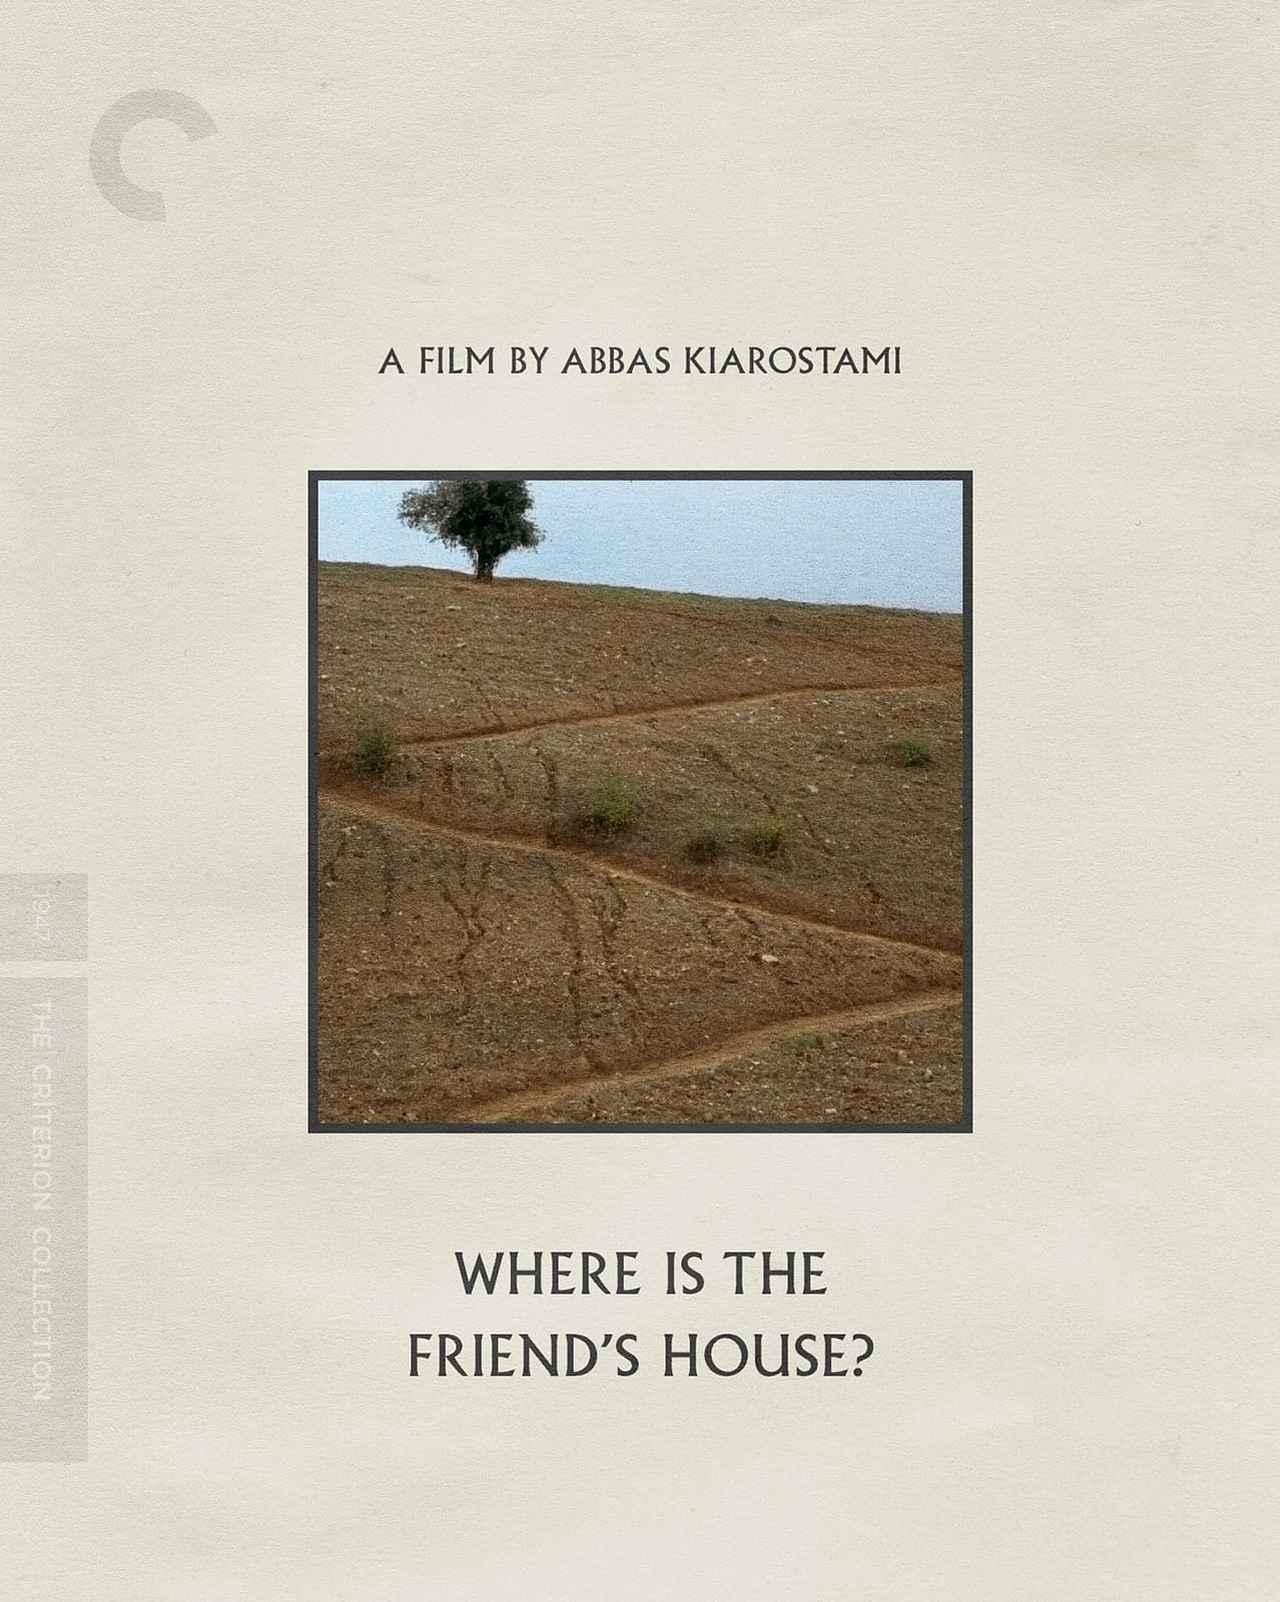 画像2: アッバス・キアロスタミ監督作『友だちのうちはどこ?』『そして人生はつづく』『オリーブの林をぬけて』【クライテリオンNEWリリース】